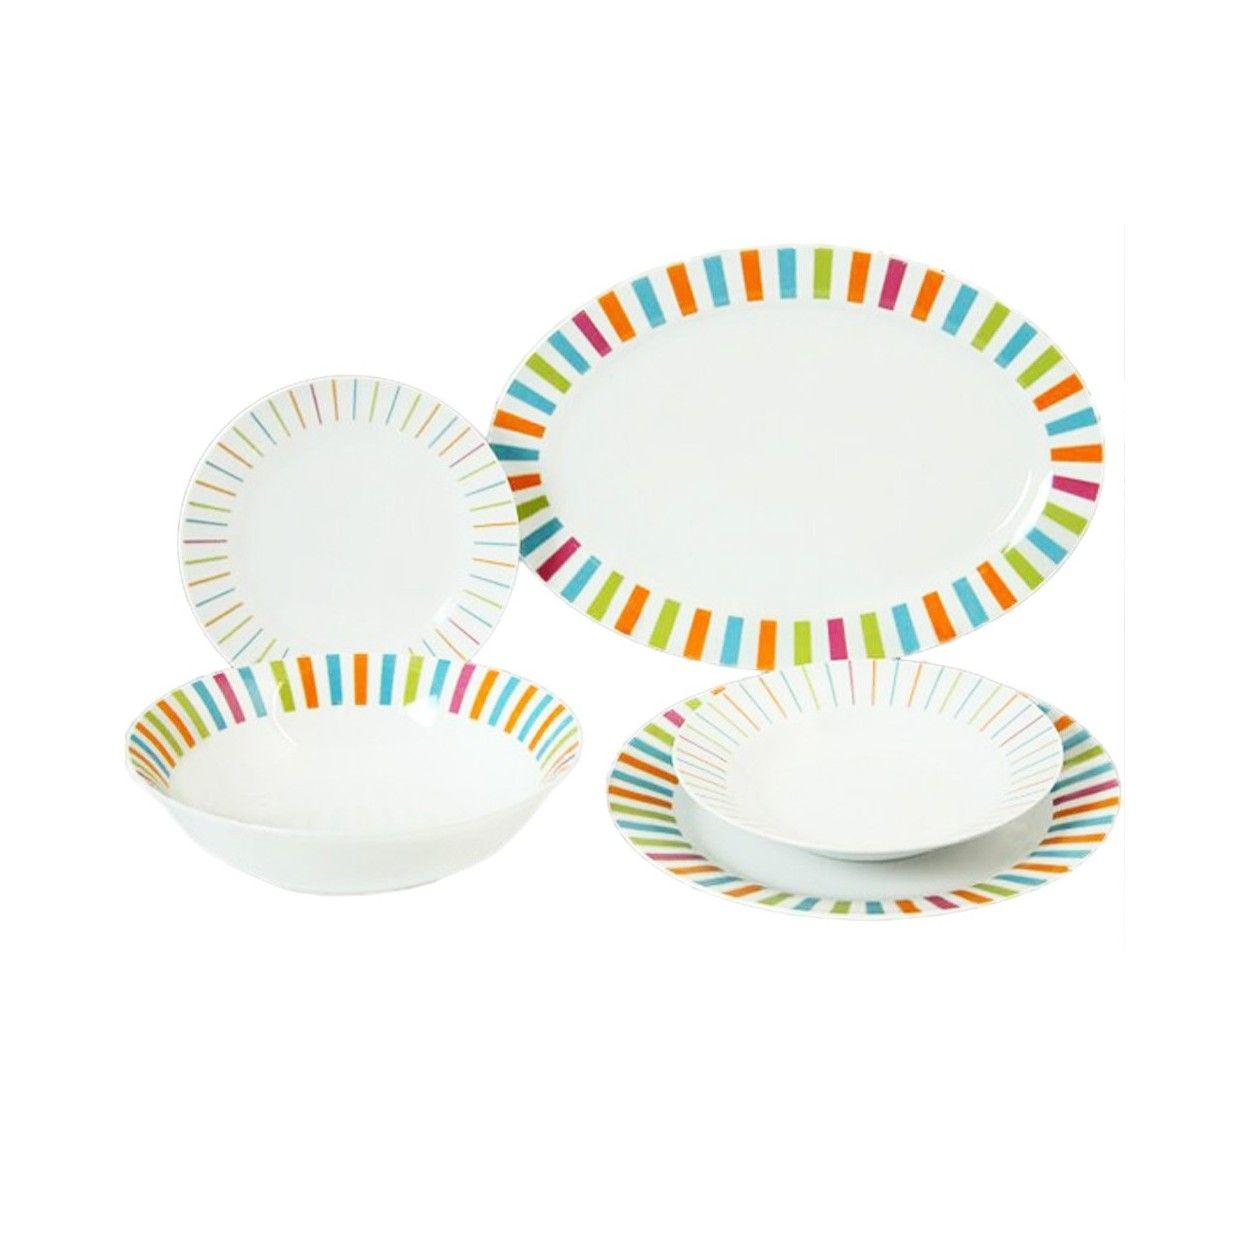 Vajilla de porcelana de 20 piezas dise o con colores for Diseno piezas infantiles